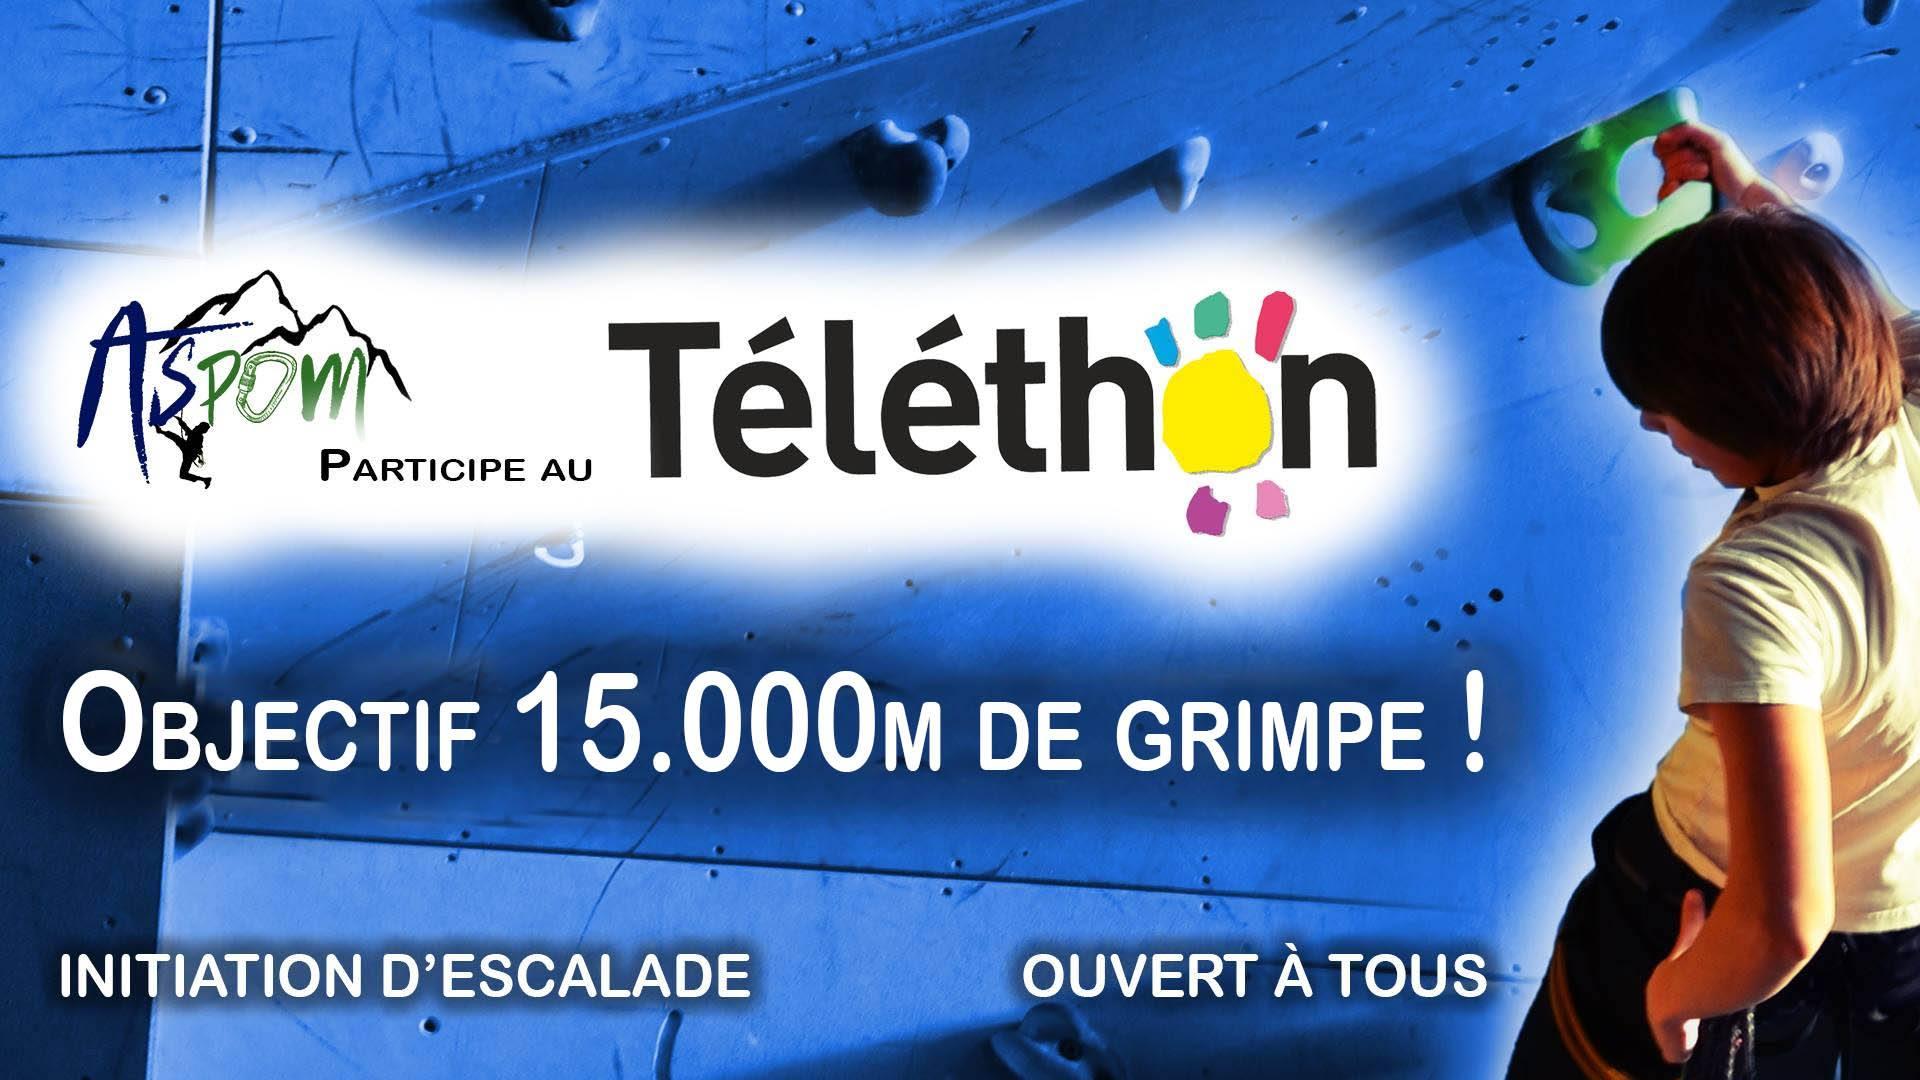 ASPOM : Journée Téléthon le 14 décembre